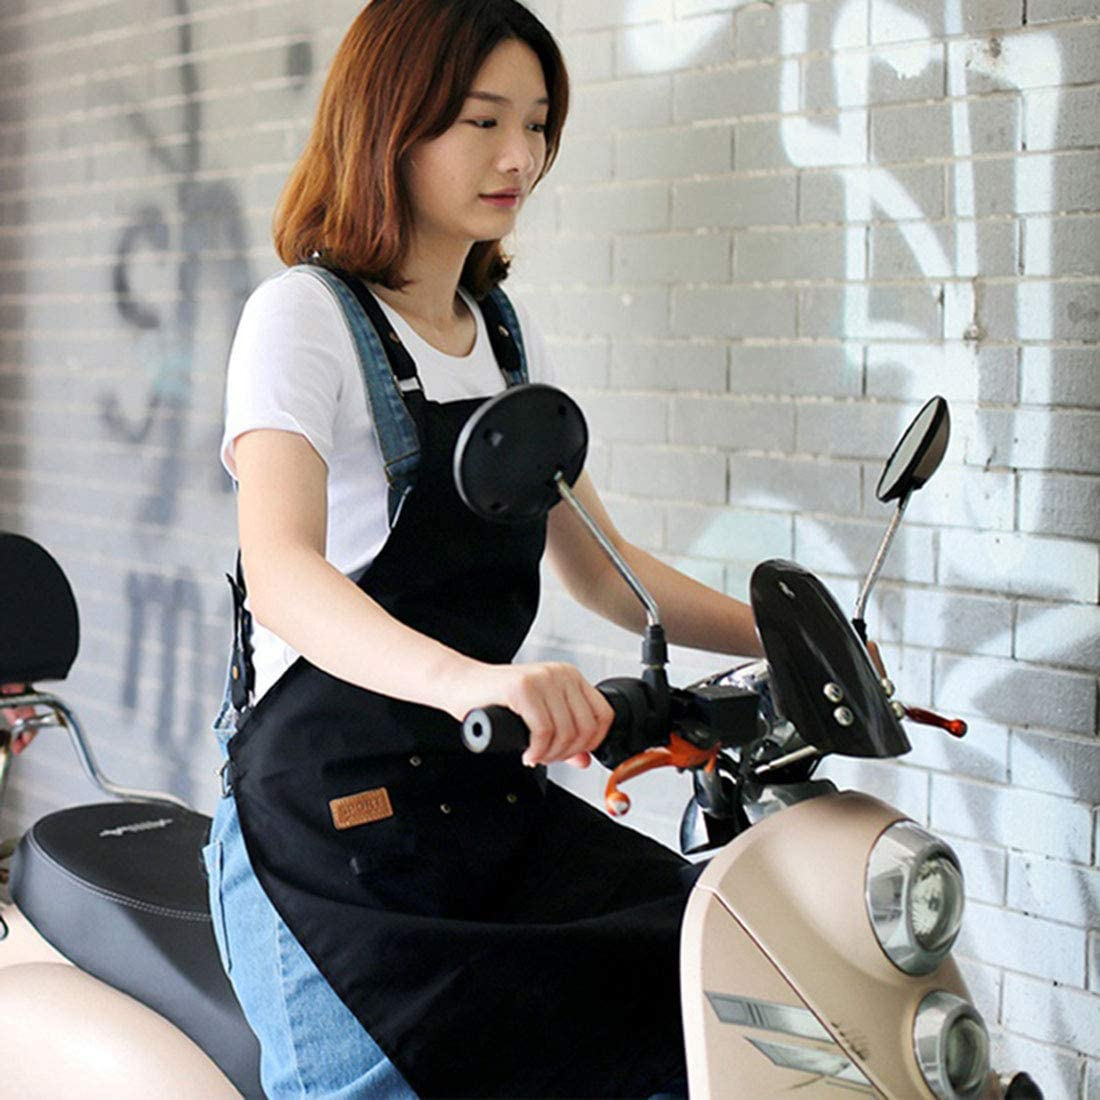 Xianheng Delantal de Trabajo Mandil para Hombres Mujeres con Bolsillos con Cintas Cruzadas Ajustables Impermeable Puro para Cafeter/ía Restaurante Negro